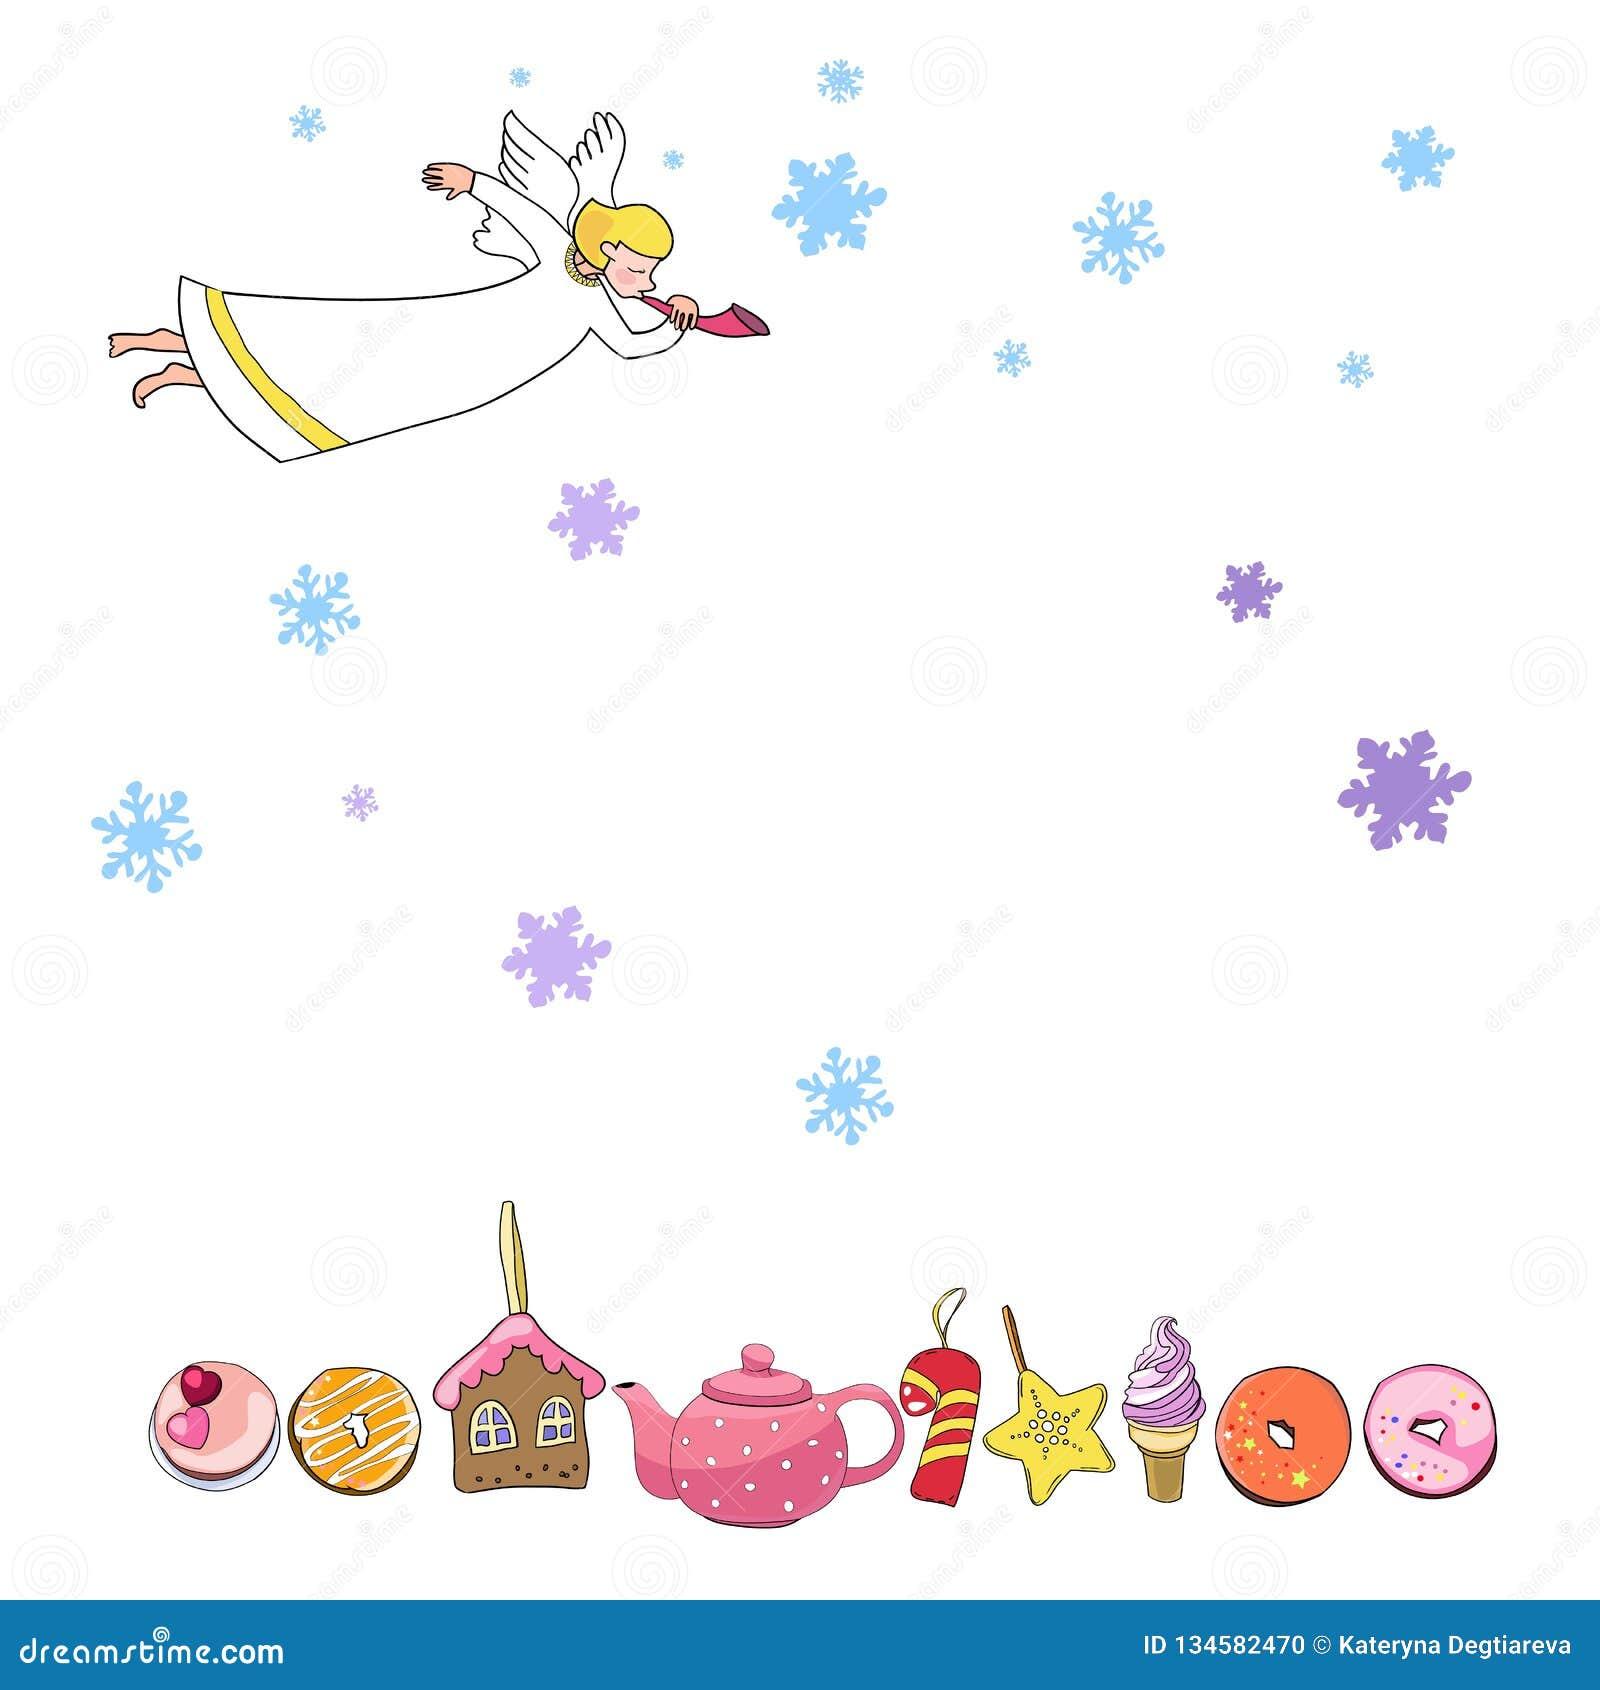 Ευχετήρια κάρτα, νέα έτος και Χριστούγεννα